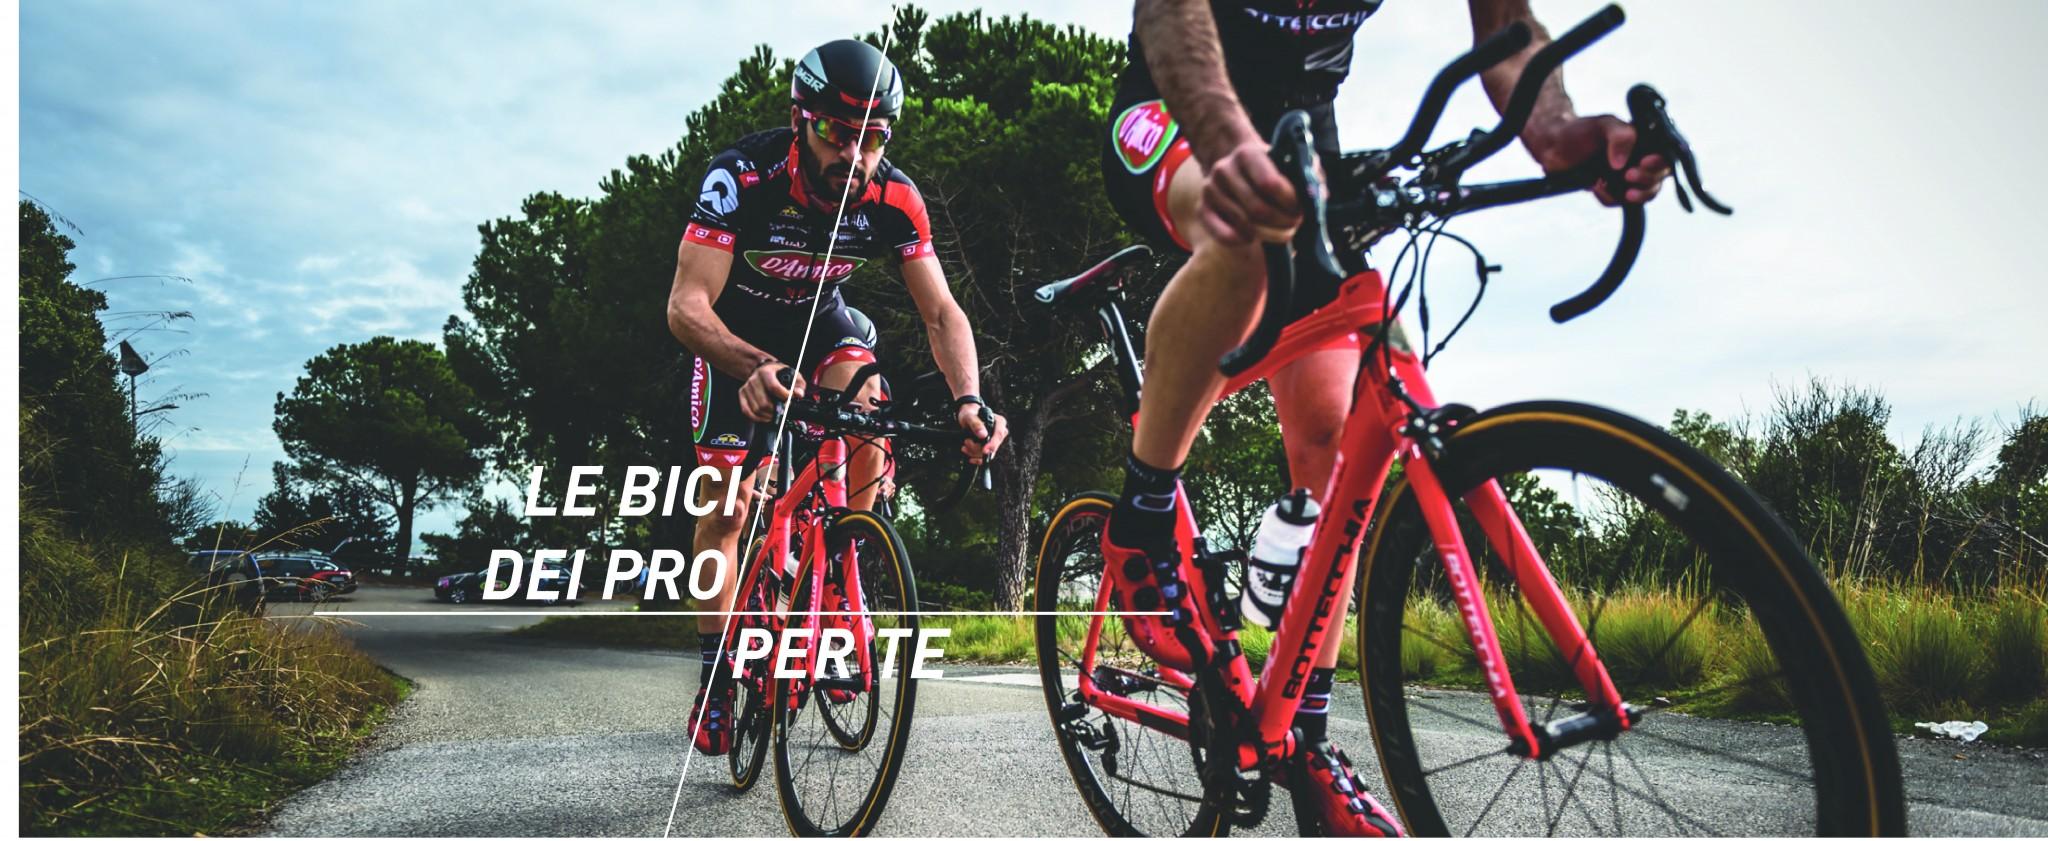 WEB_SLIDE_le-bici-dei-pro-per-te